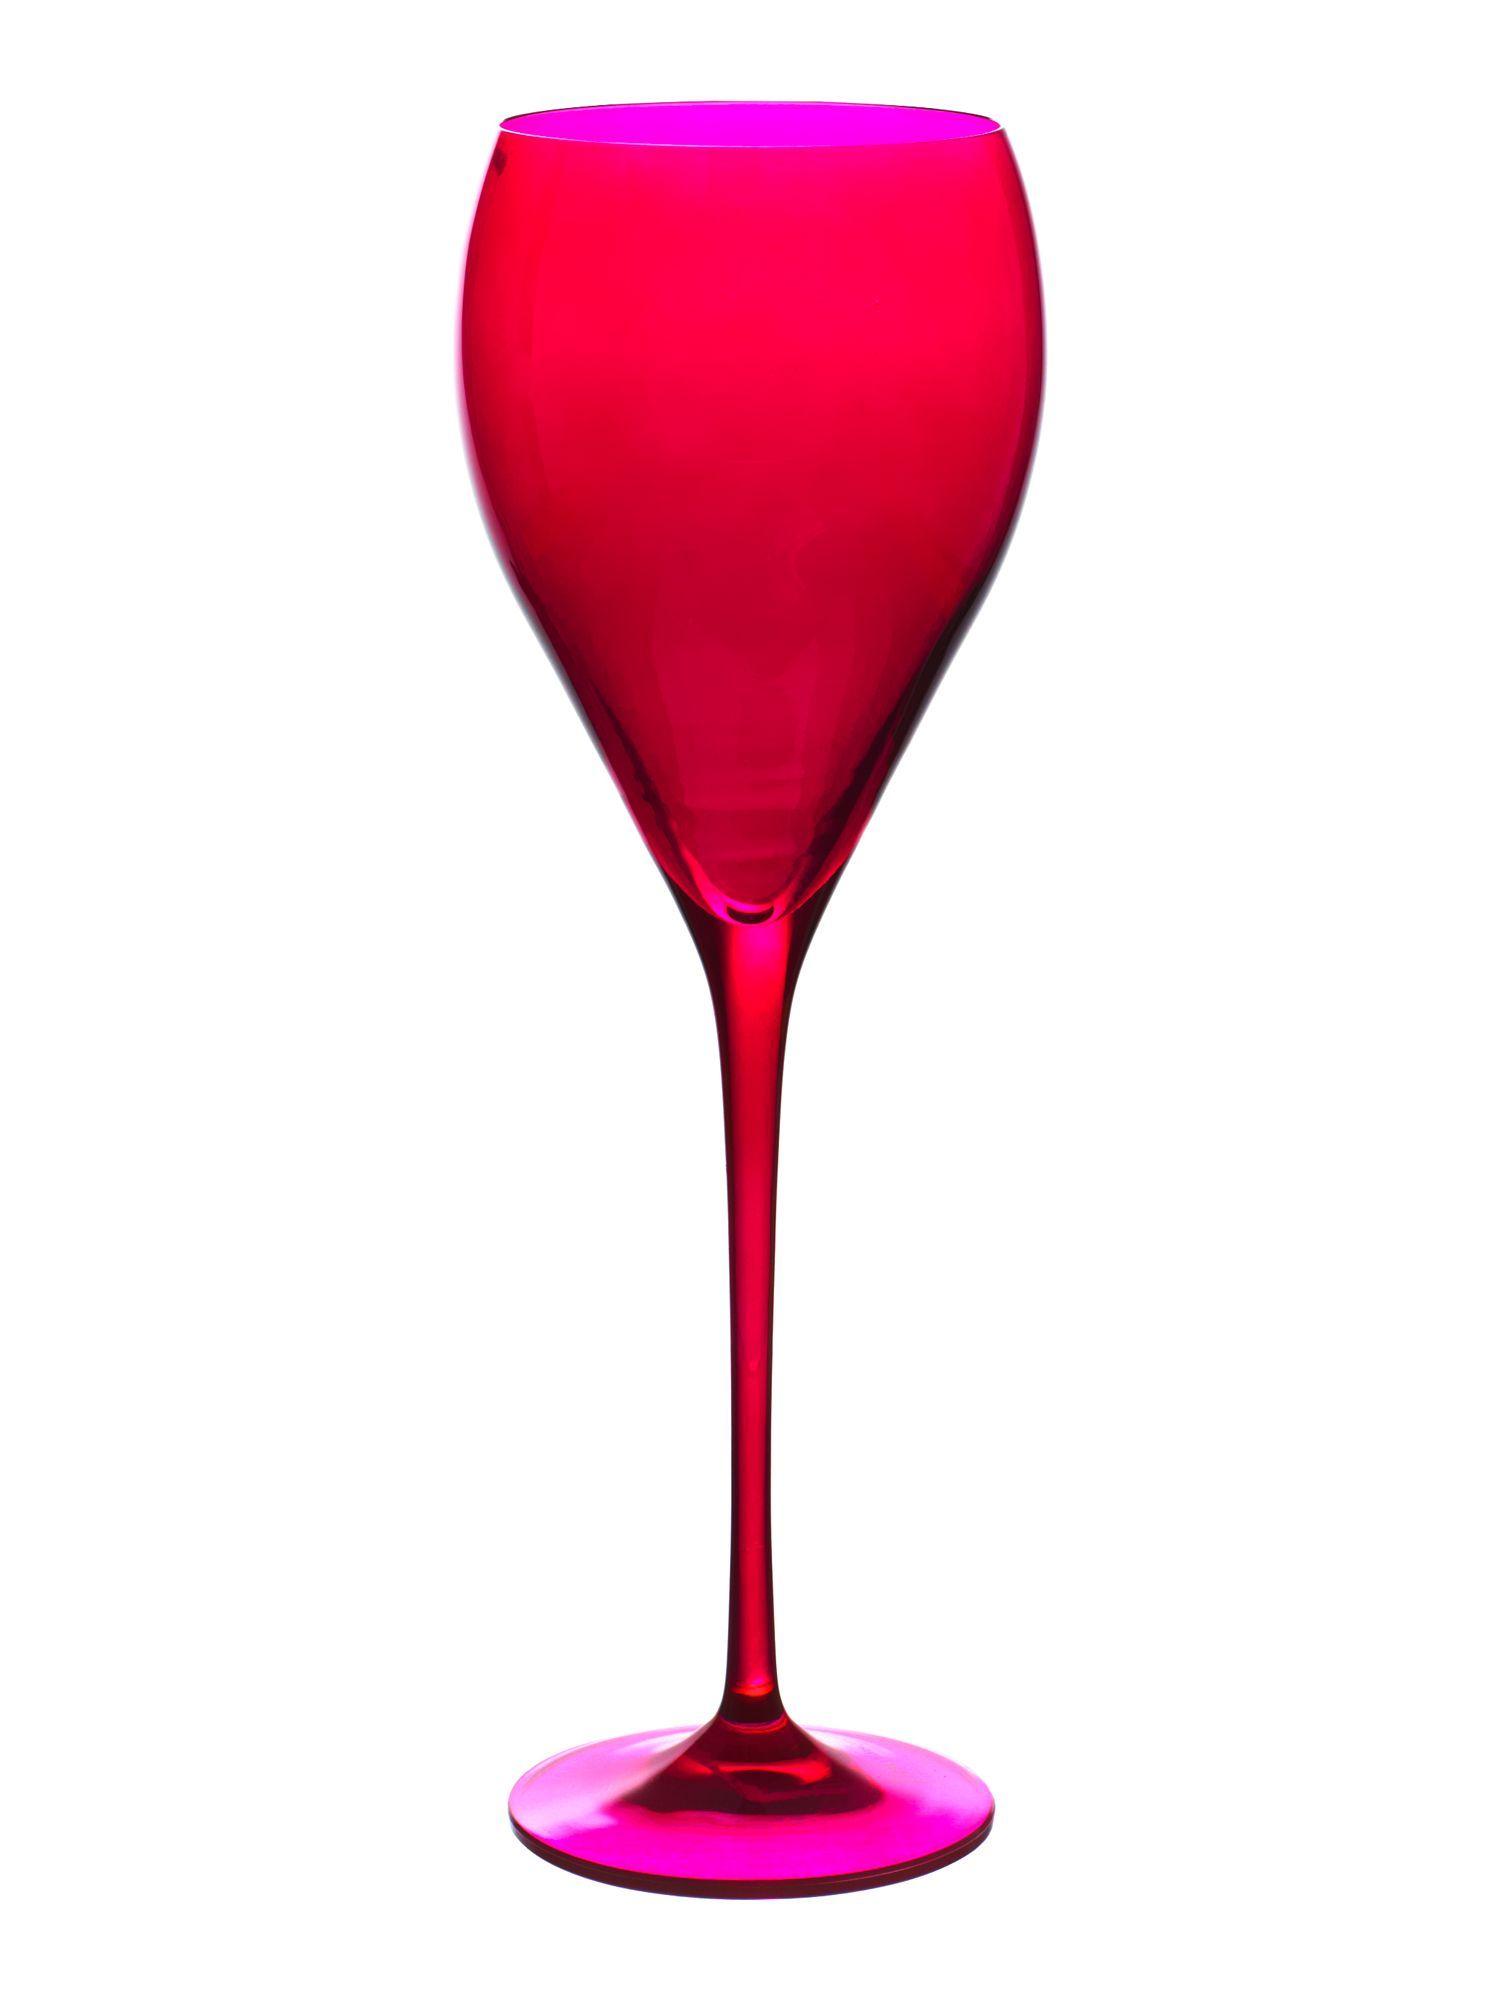 Pink Wine Glasses Pink Wine Glasses Pink Wine Wine Glasses